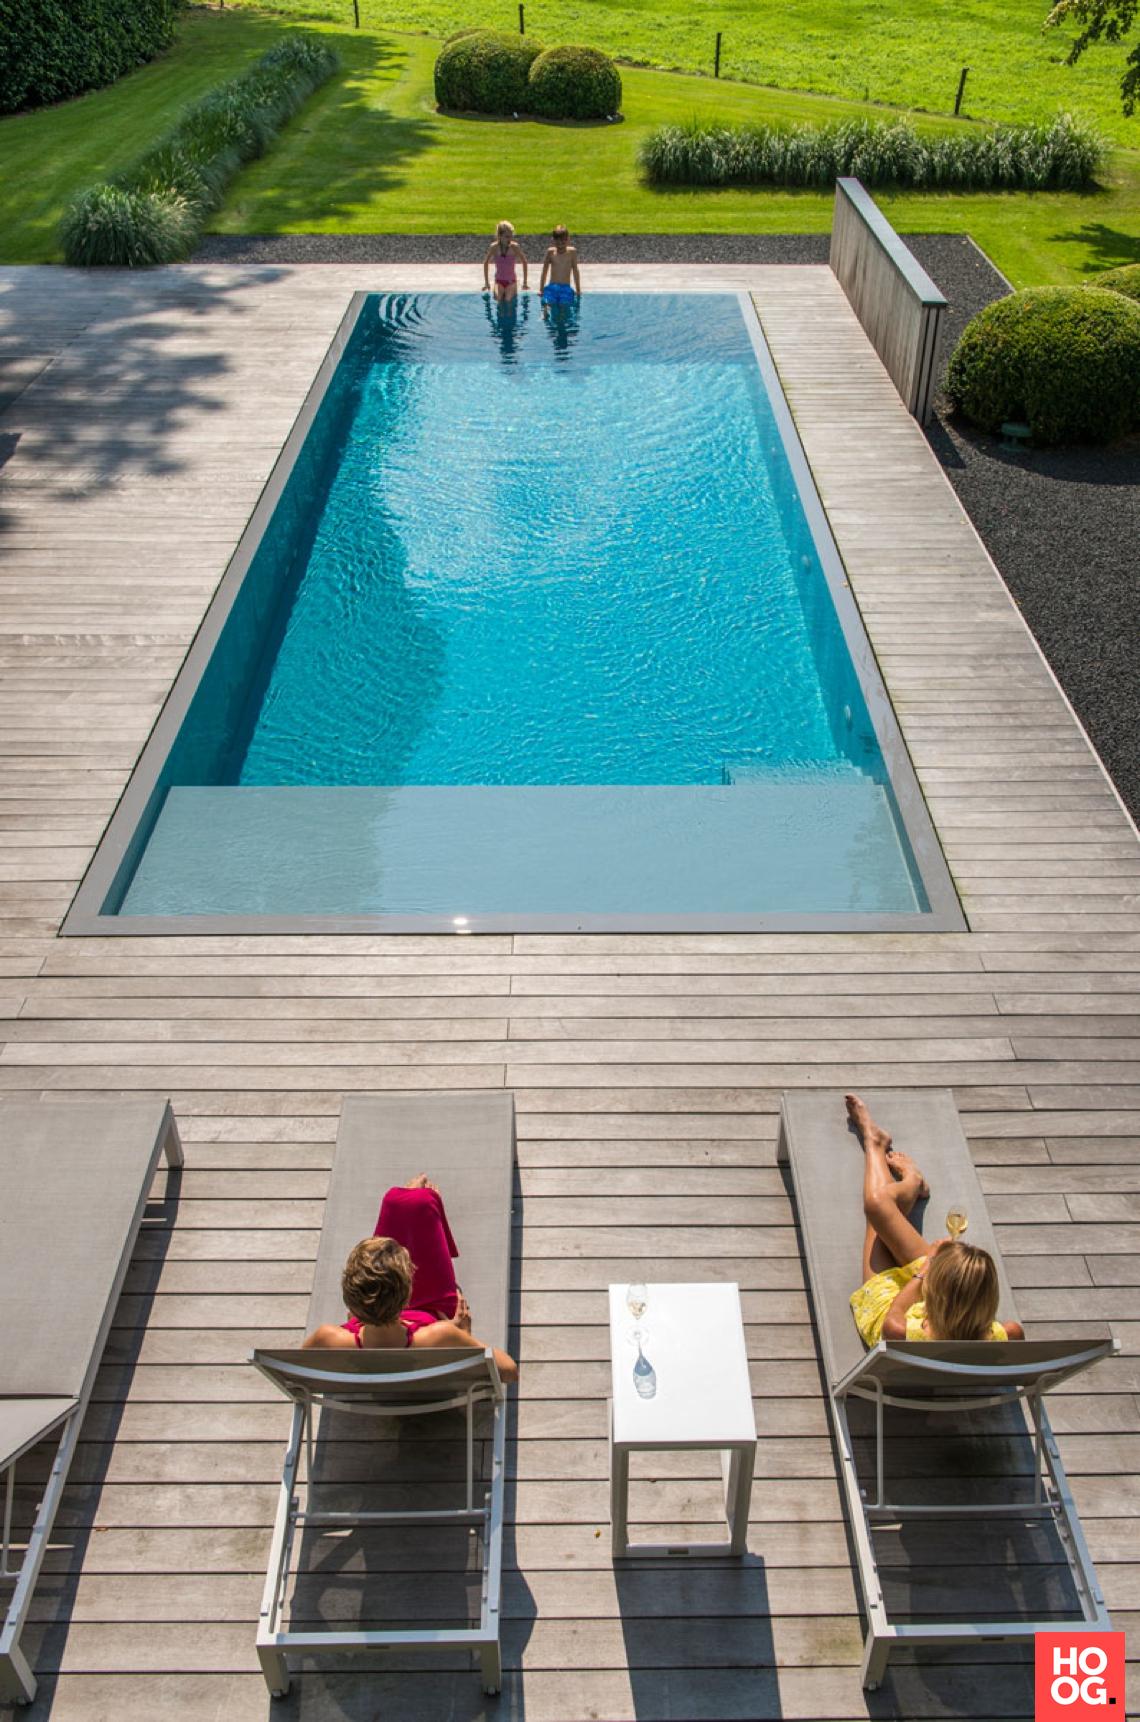 Bio Swimming Pool Merelbeke Pools Backyard Inground Swimming Pool House Amazing Swimming Pools